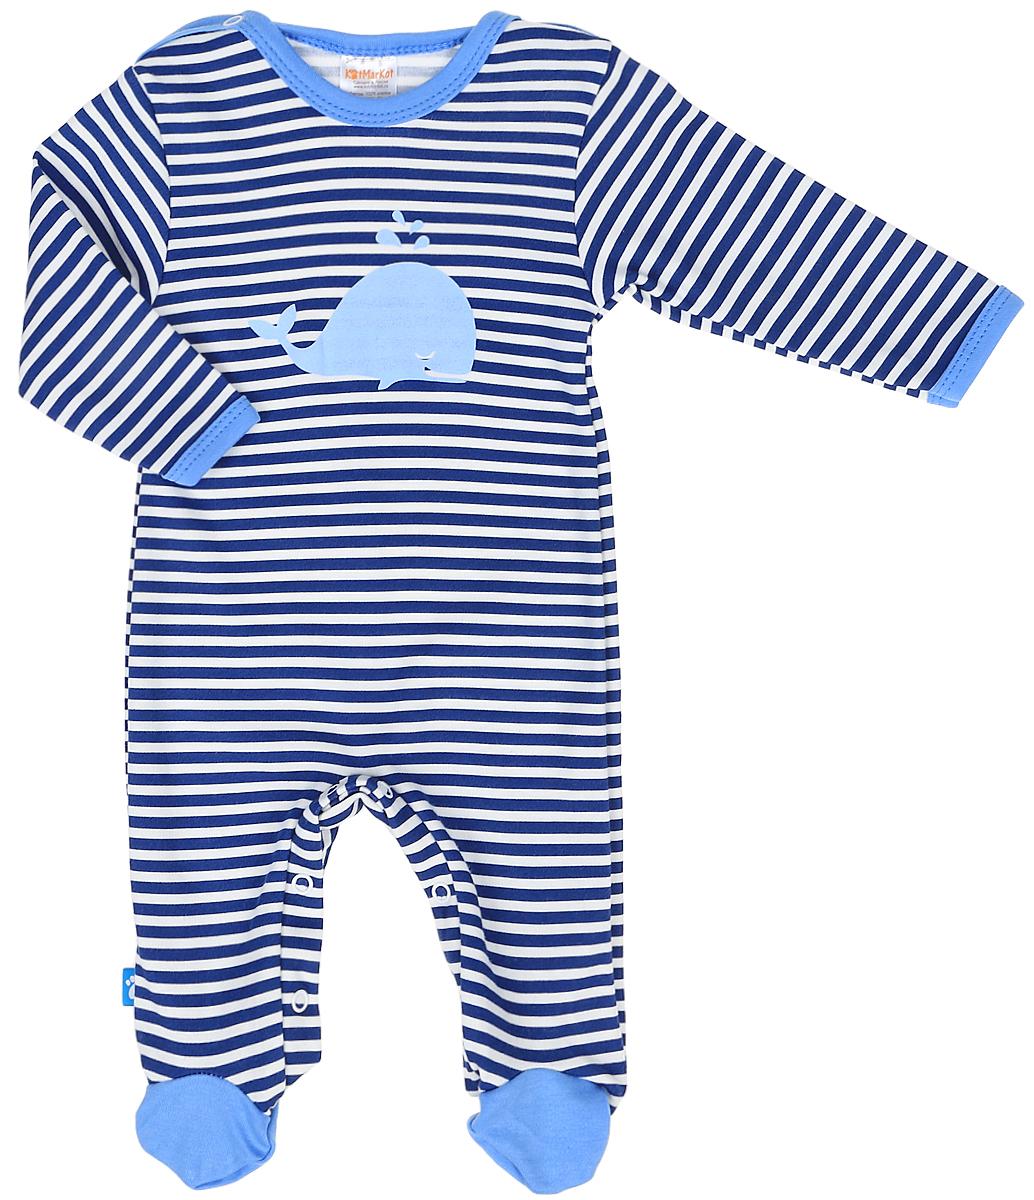 Комбинезон домашний для мальчика КотМарКот, цвет: синий, белый. 6711. Размер 626711Комбинезон домашний для мальчика Cherubino из мягкого хлопка, он очень приятный на ощупь, не раздражает нежную и чувствительную кожу ребенка, позволяя ей дышать. Застегивается на кнопки, что помогает при переодевании малышки.